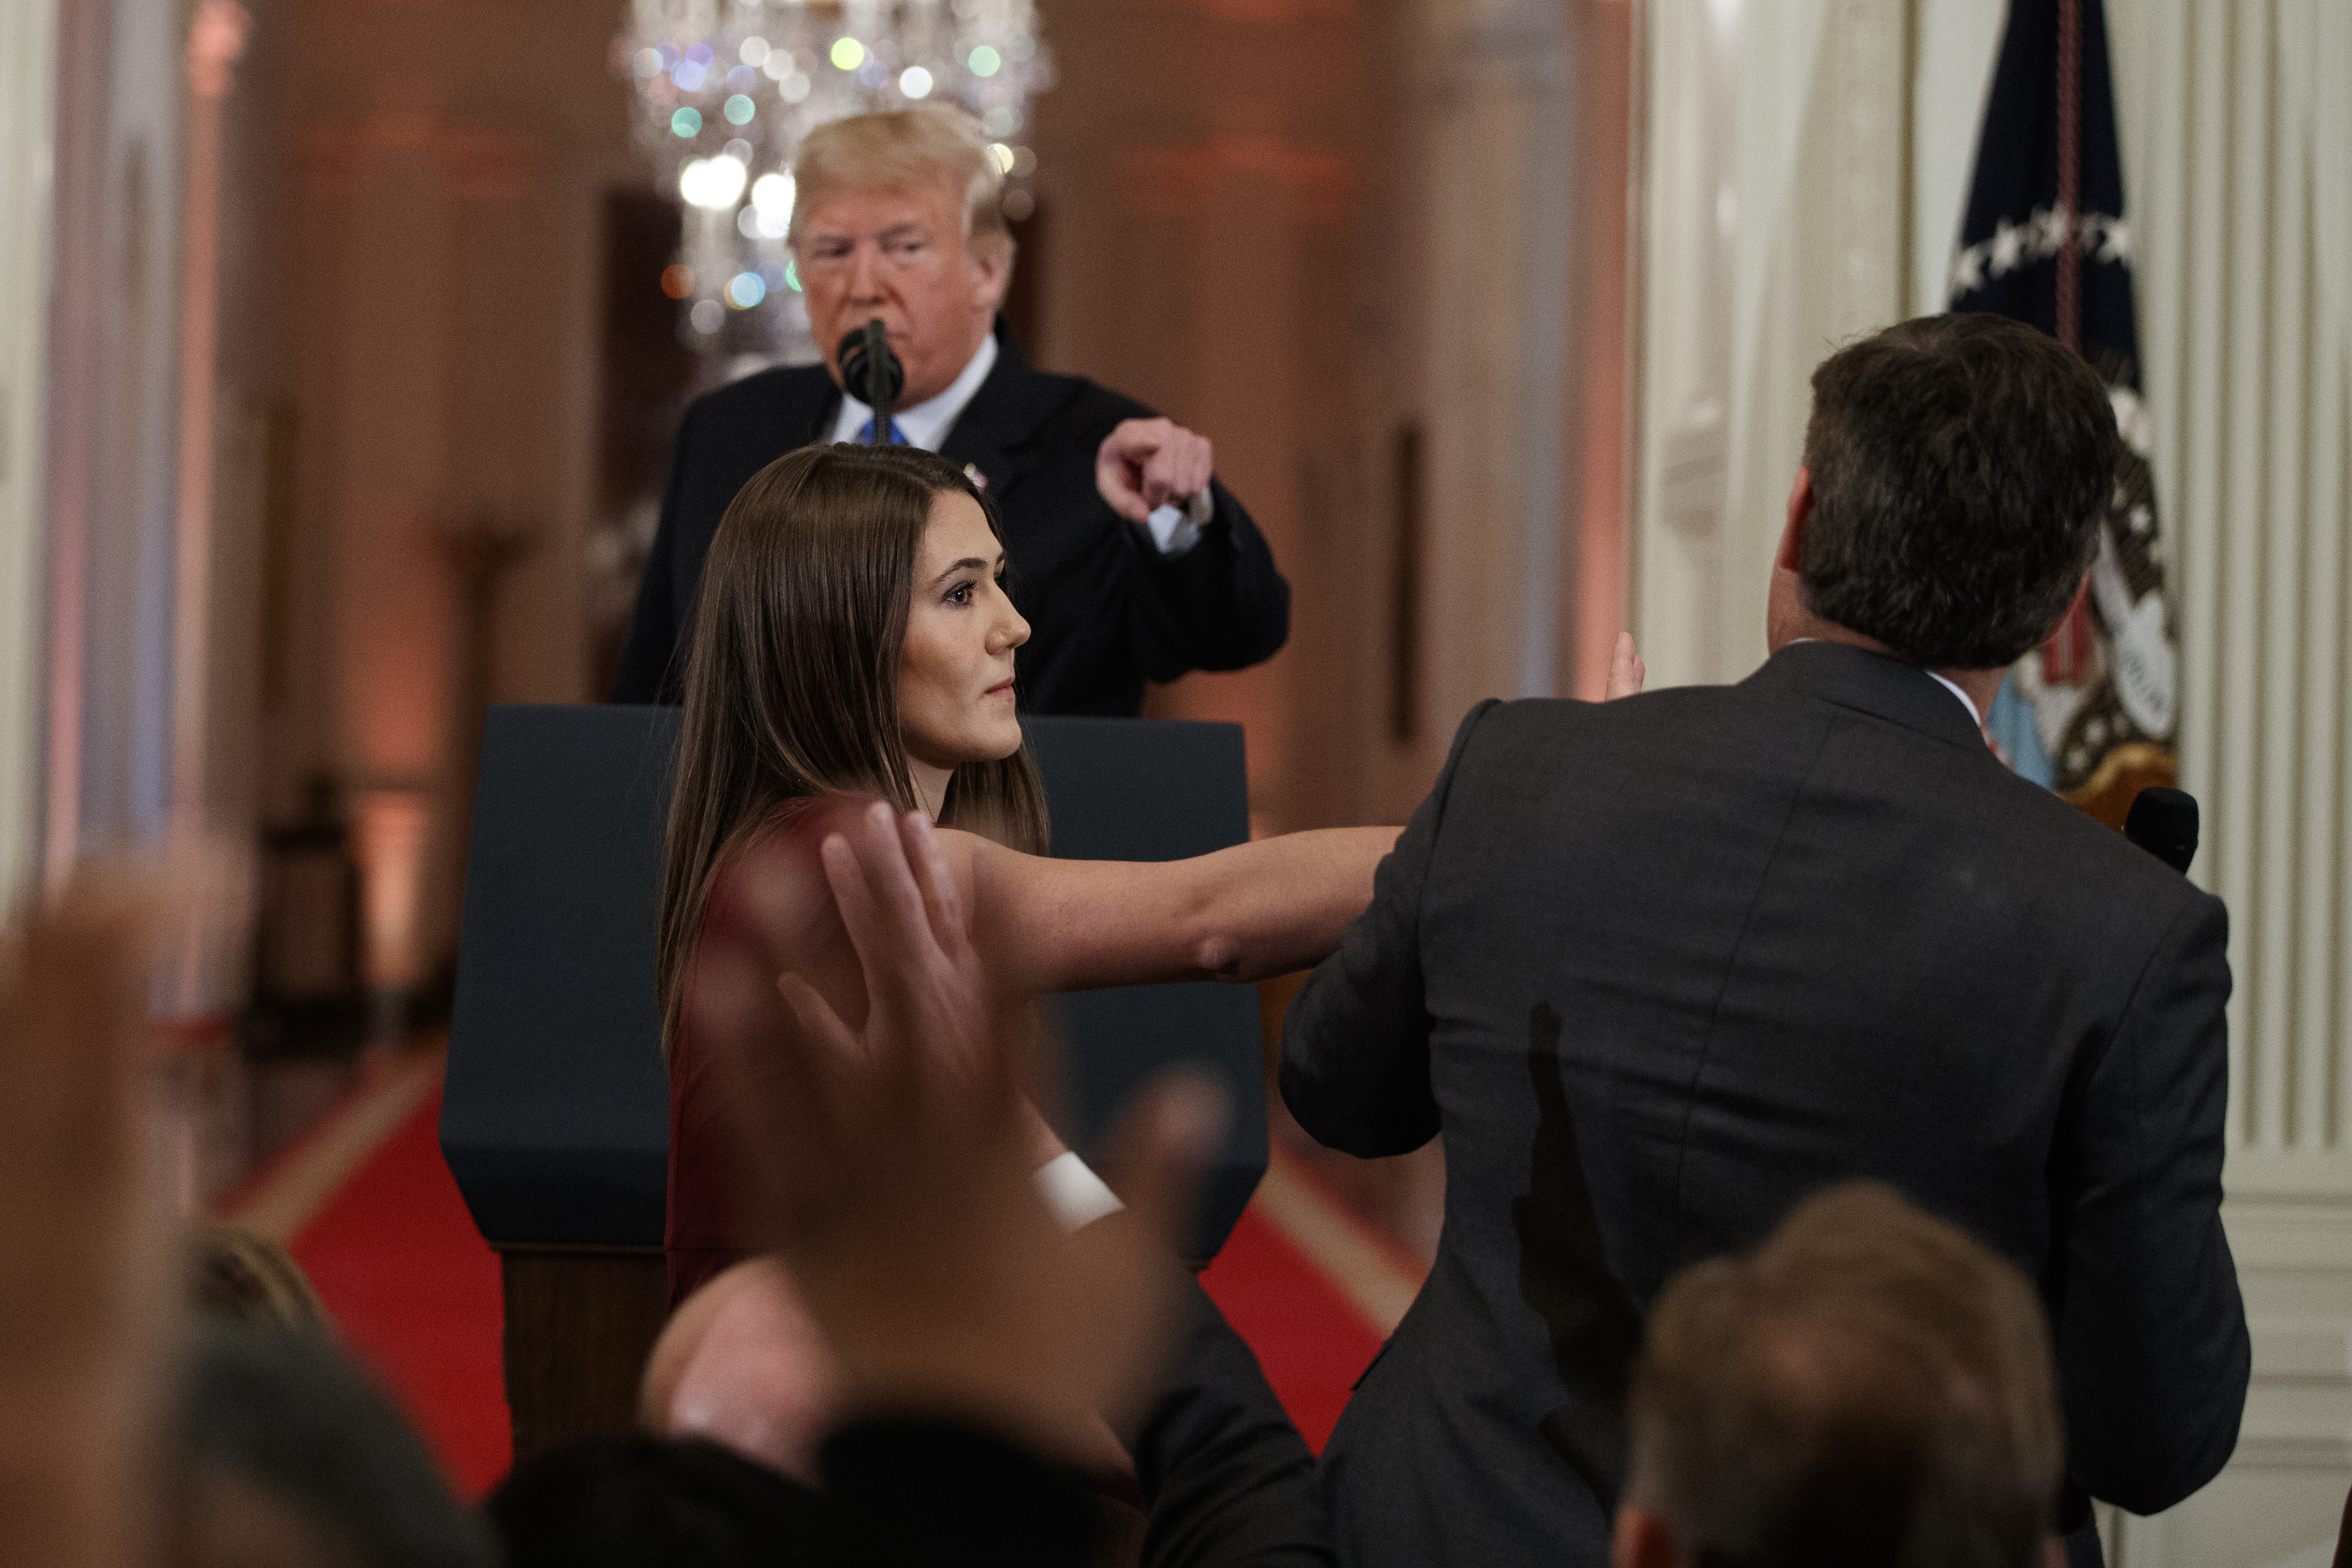 A Fehér Ház manipulált videóval próbálta bebizonyítani, hogy a CNN tudósítója bántotta a gyakornoknőt